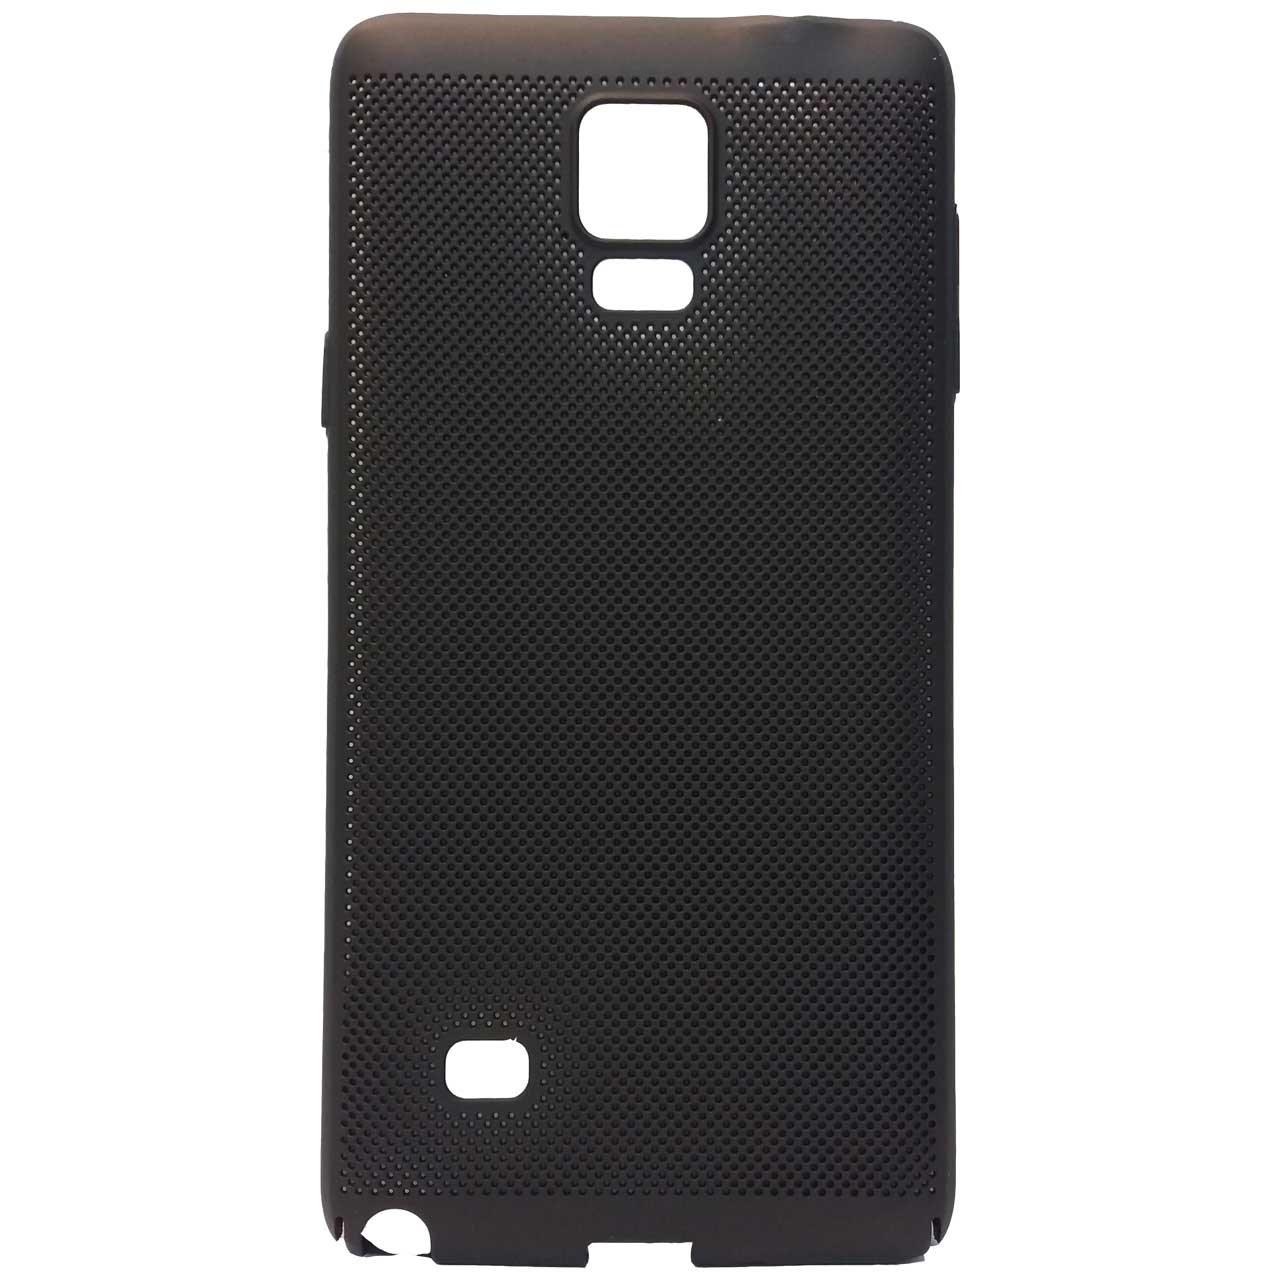 کاور پروتکتیو مدل Hard Mesh مناسب برای گوشی سامسونگ گلکسی  Note 4